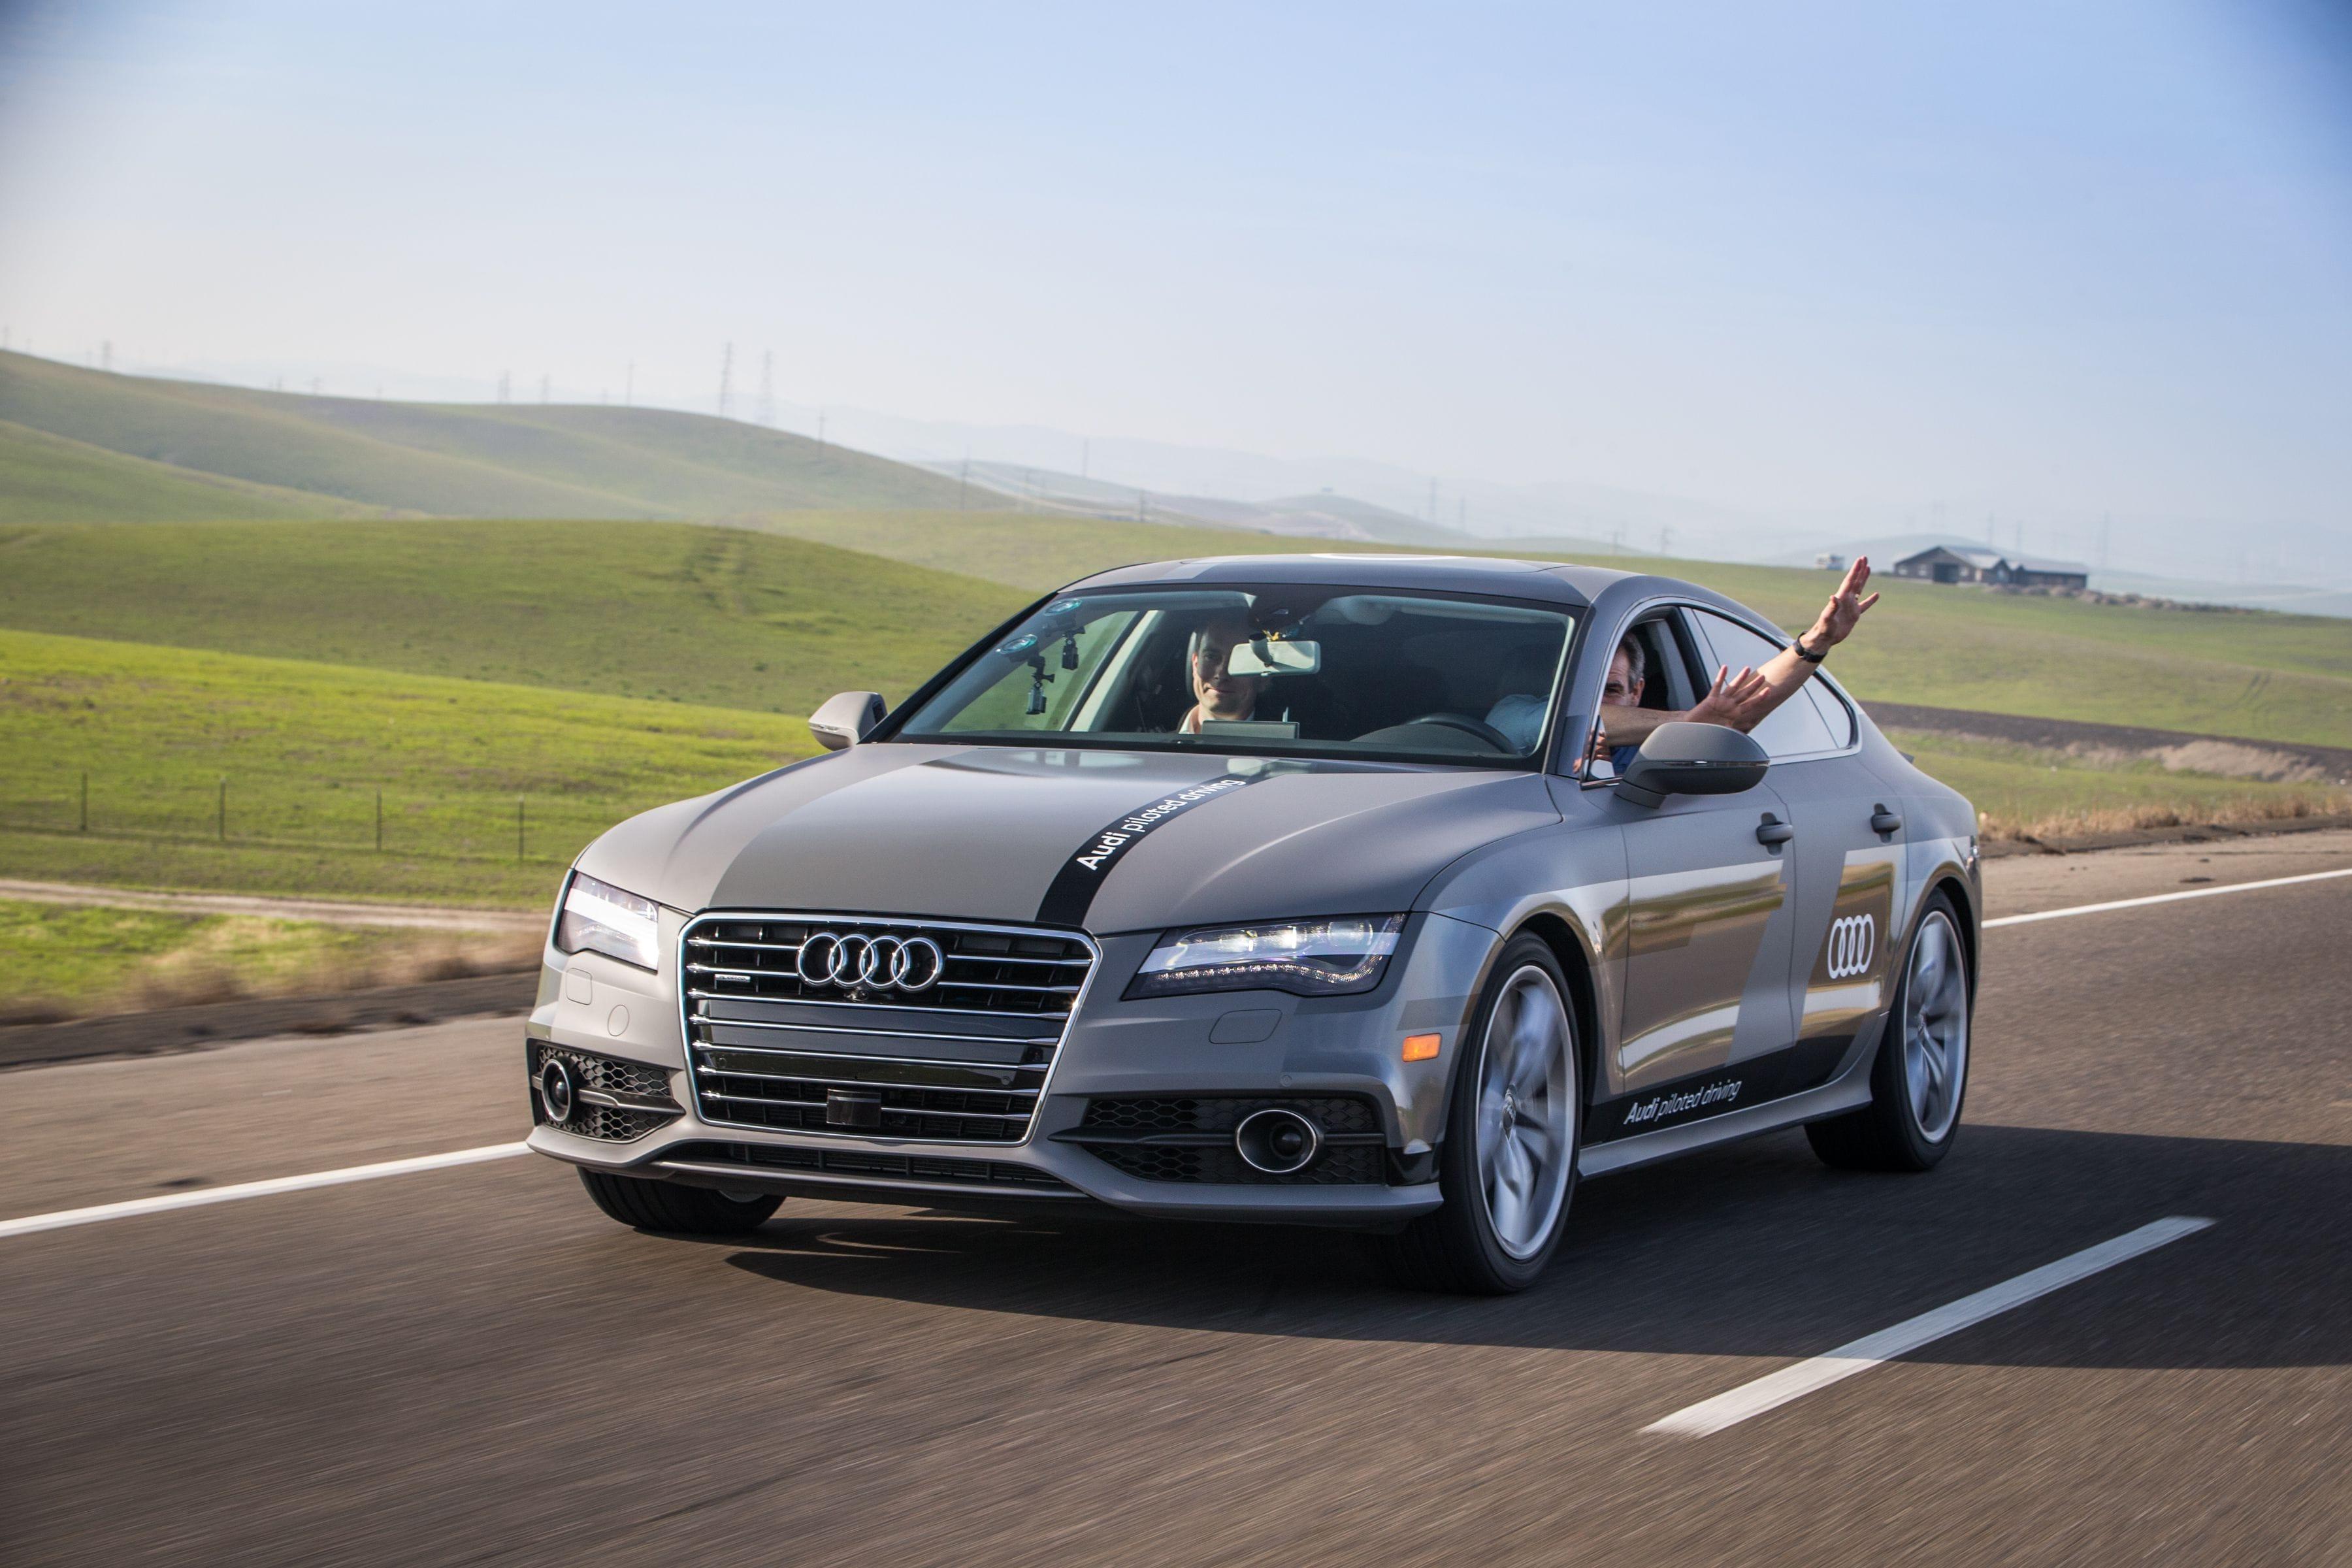 Audi autonomous car A7